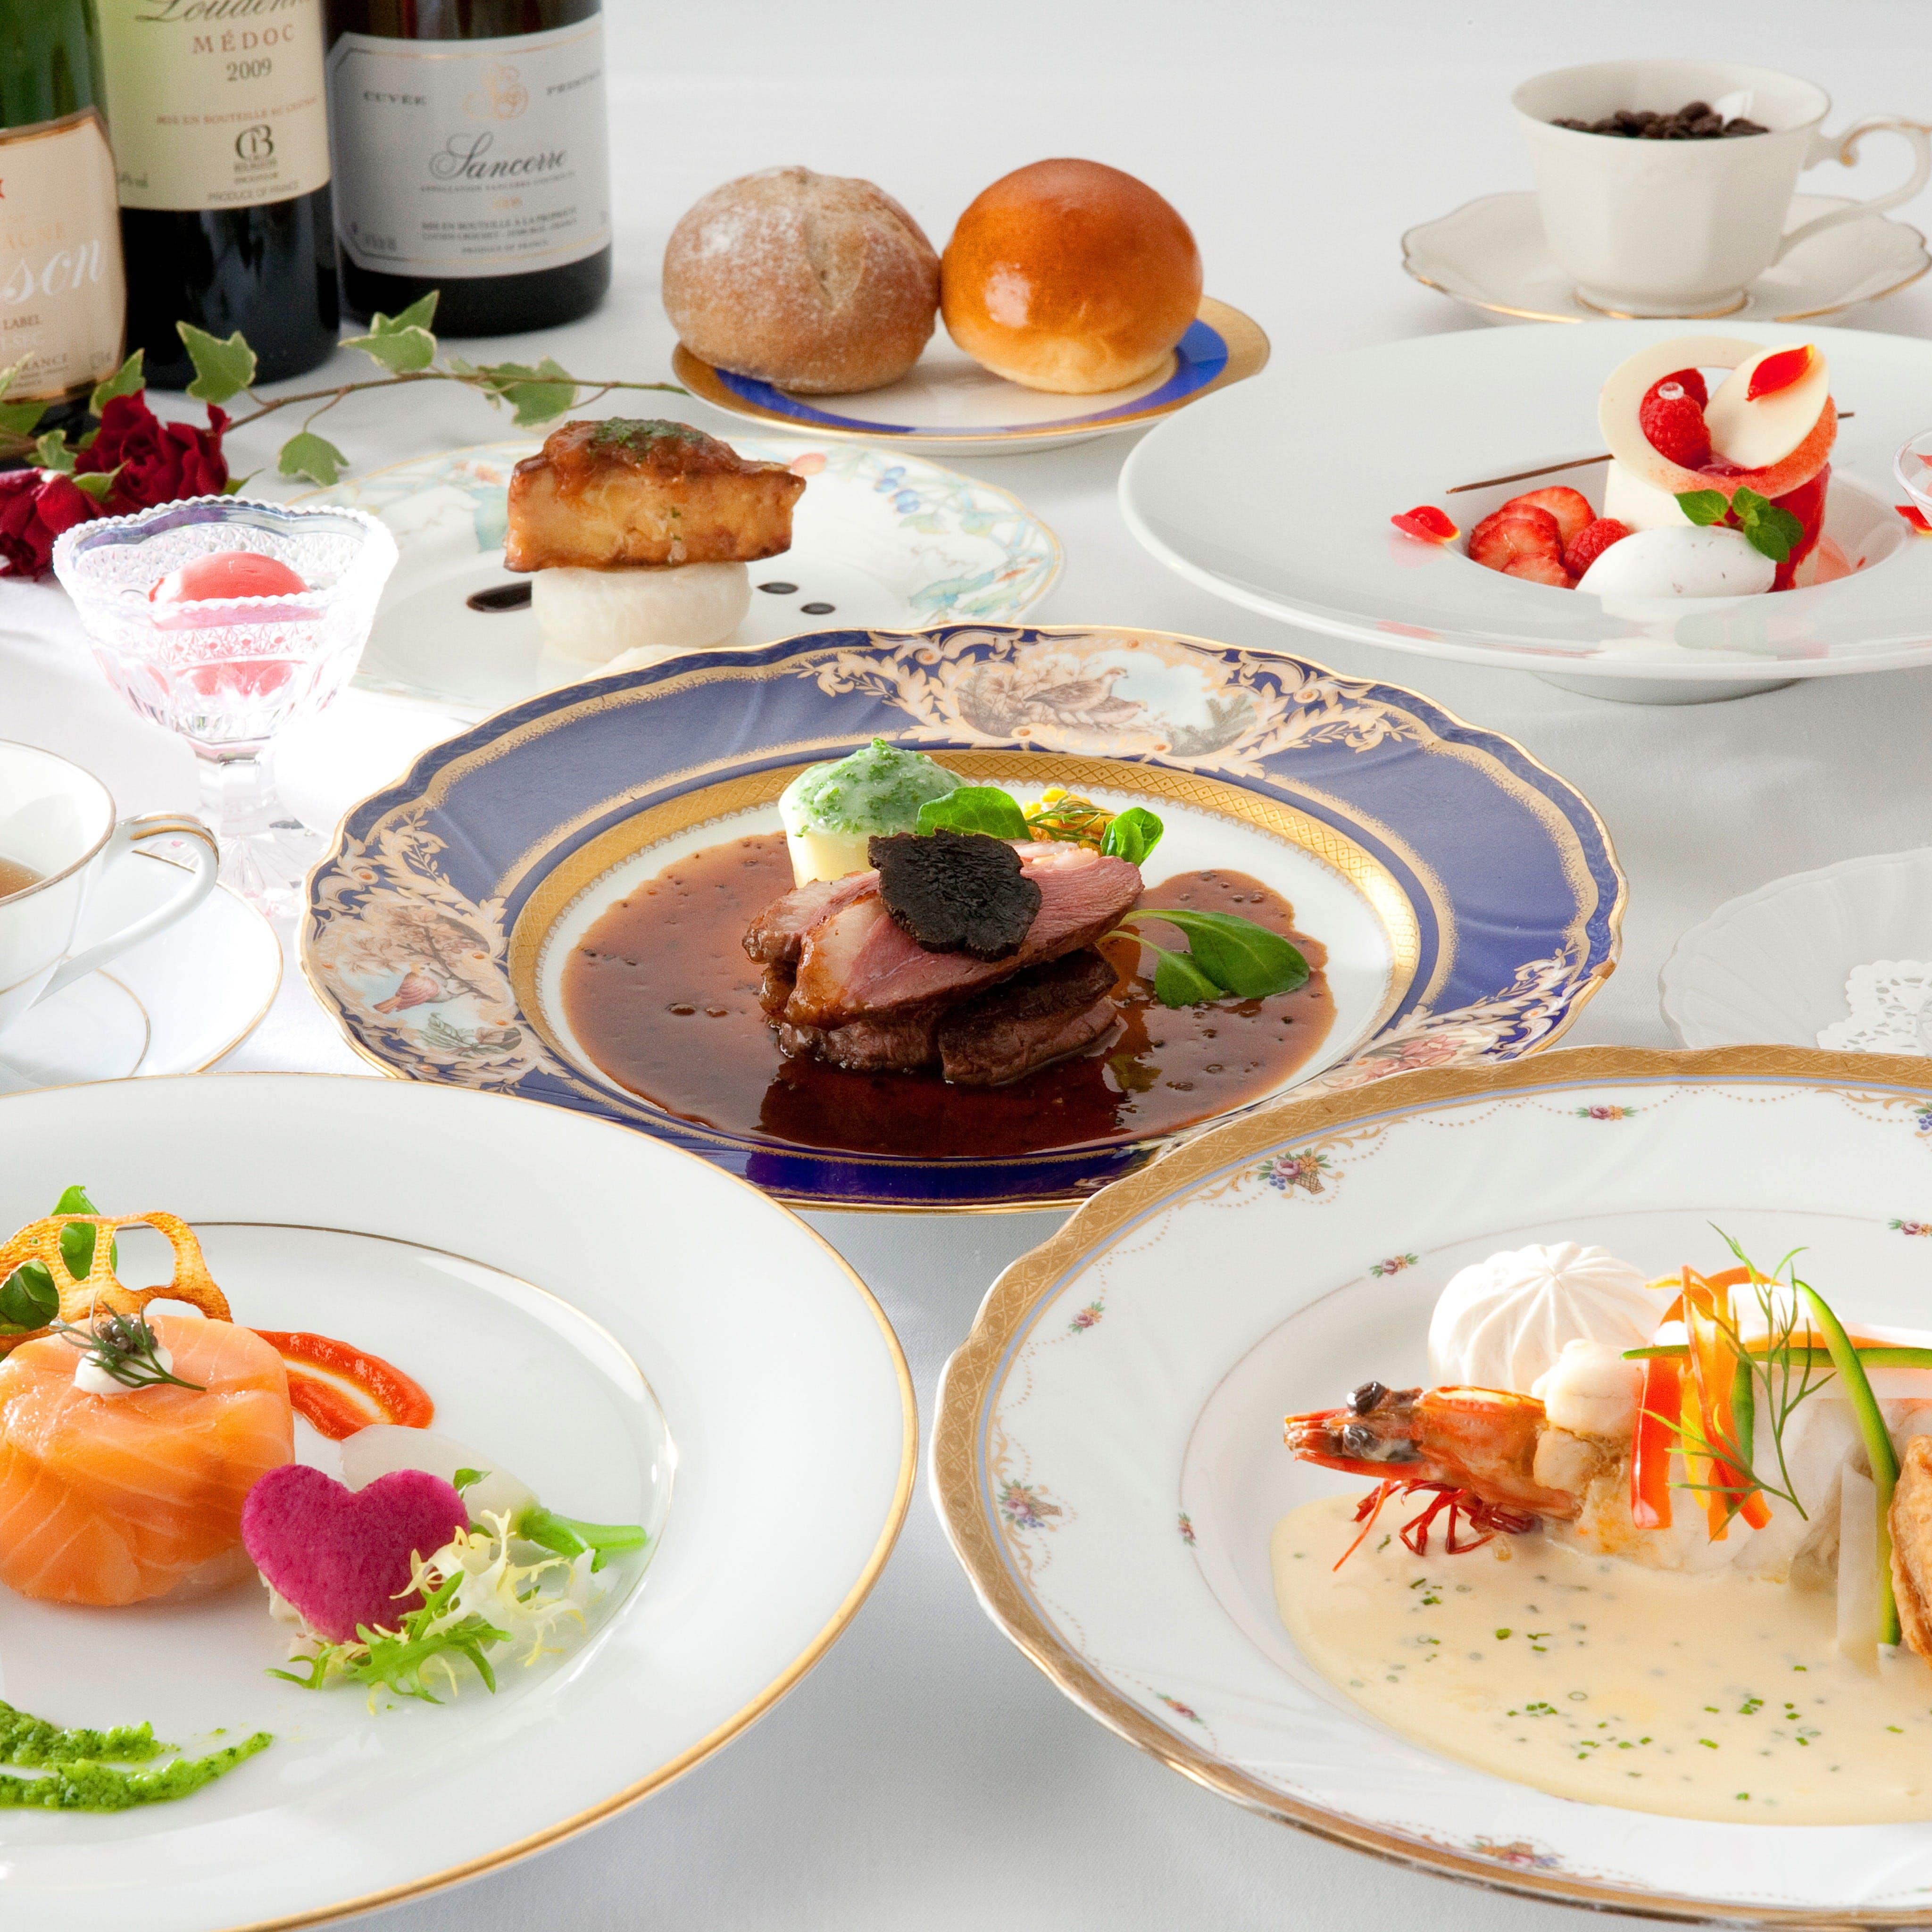 美味しさが驚きと感動を運ぶ想いでに残るお料理を